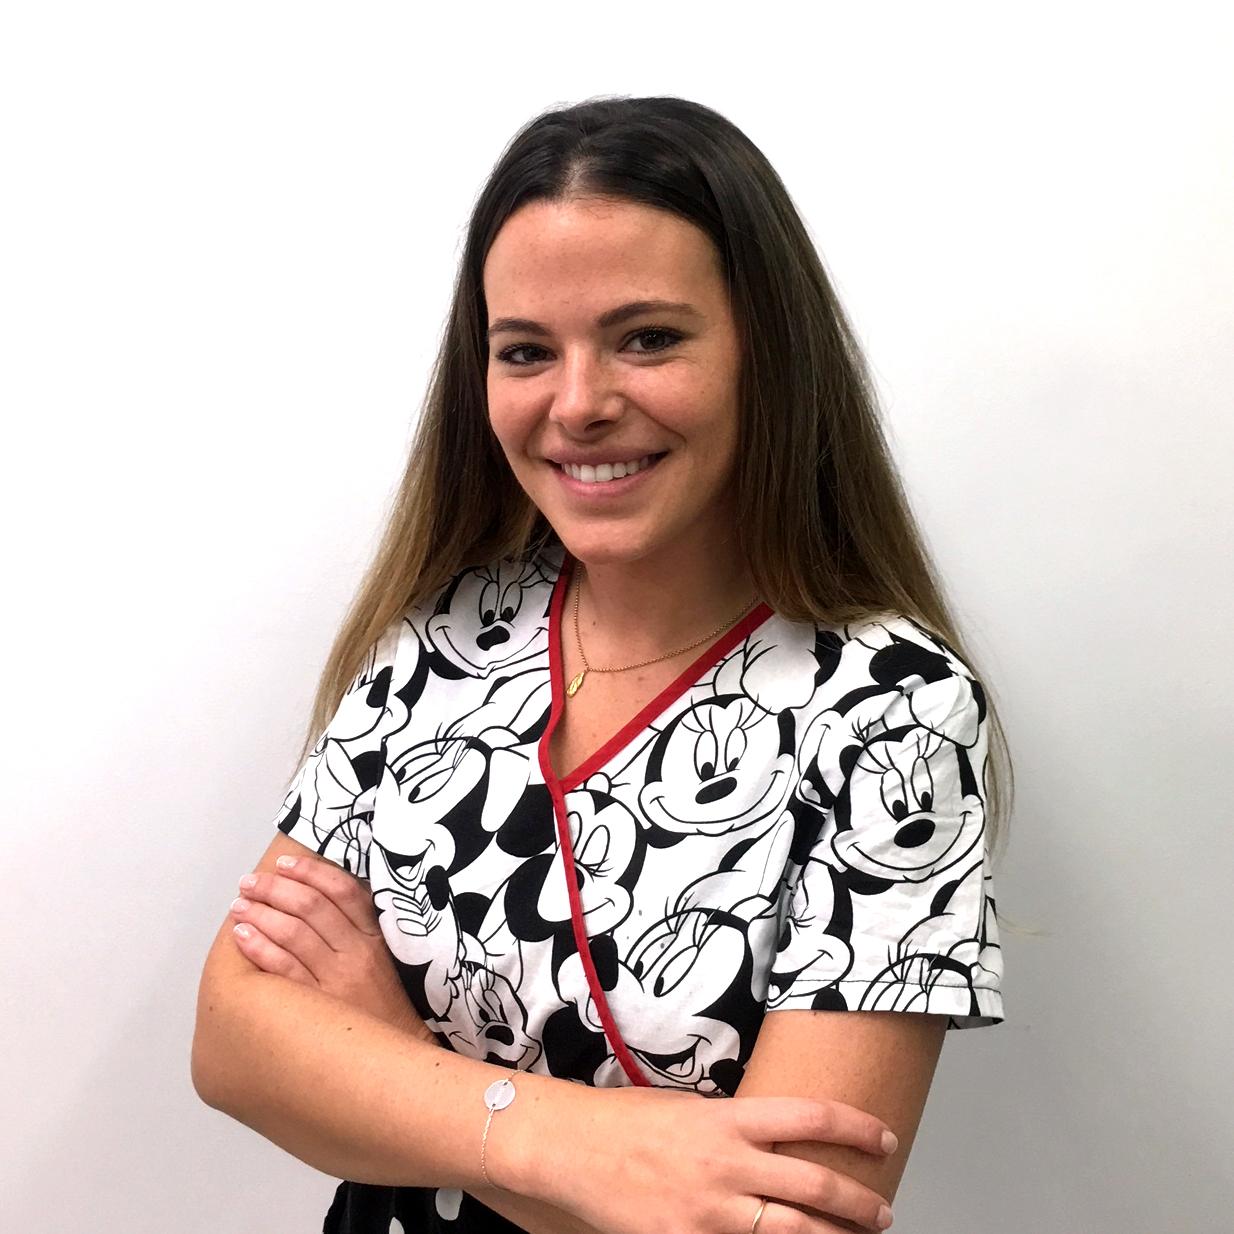 Dra. Lucia Baquero